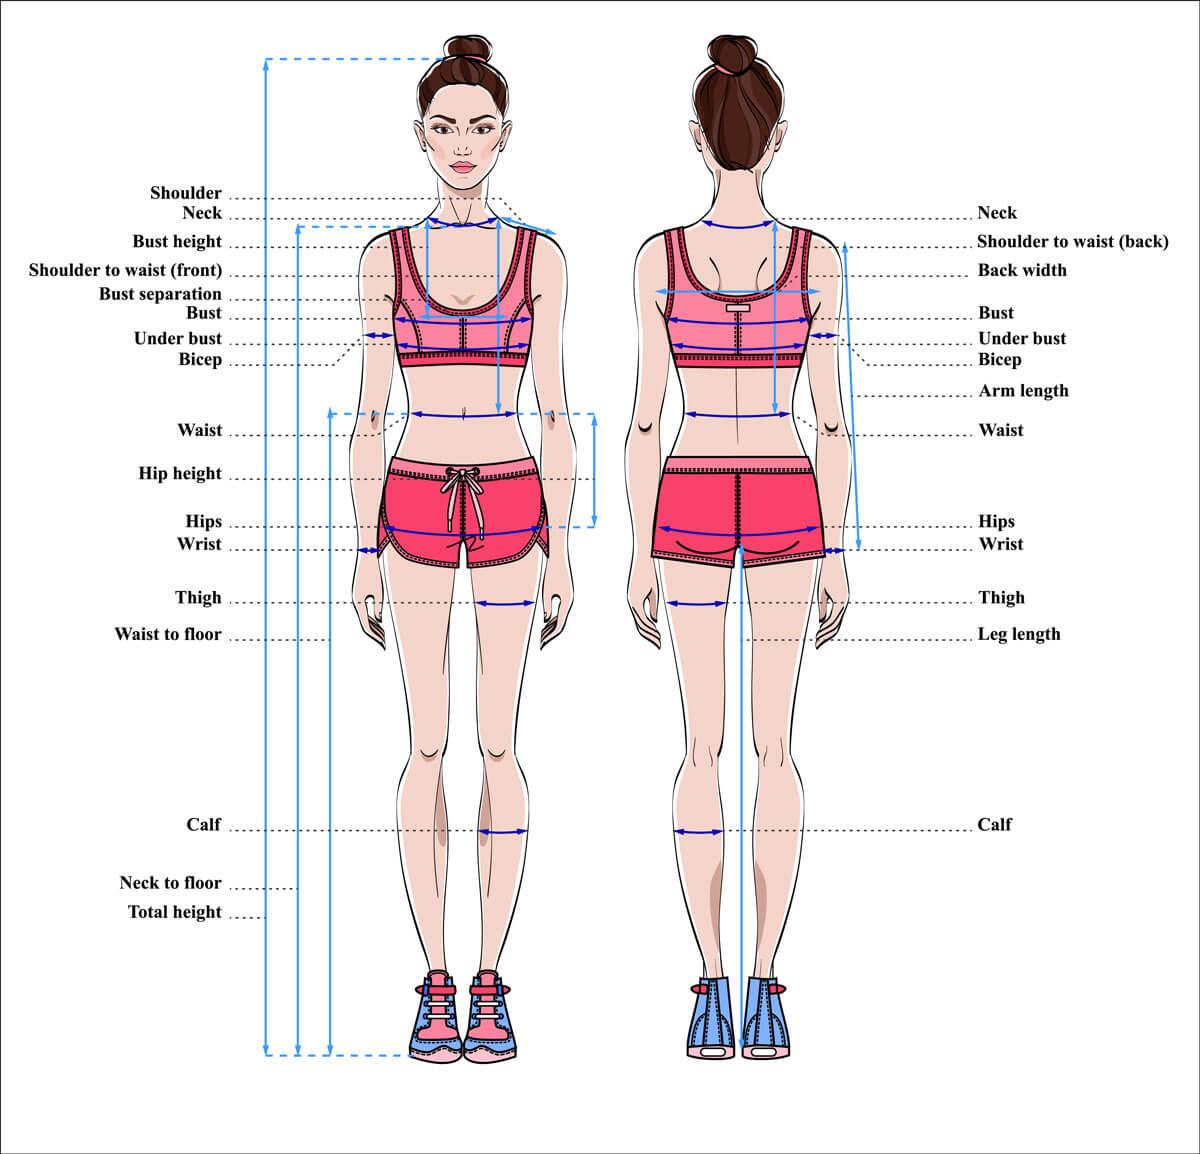 Bezeichnungen für englische Körpermaße